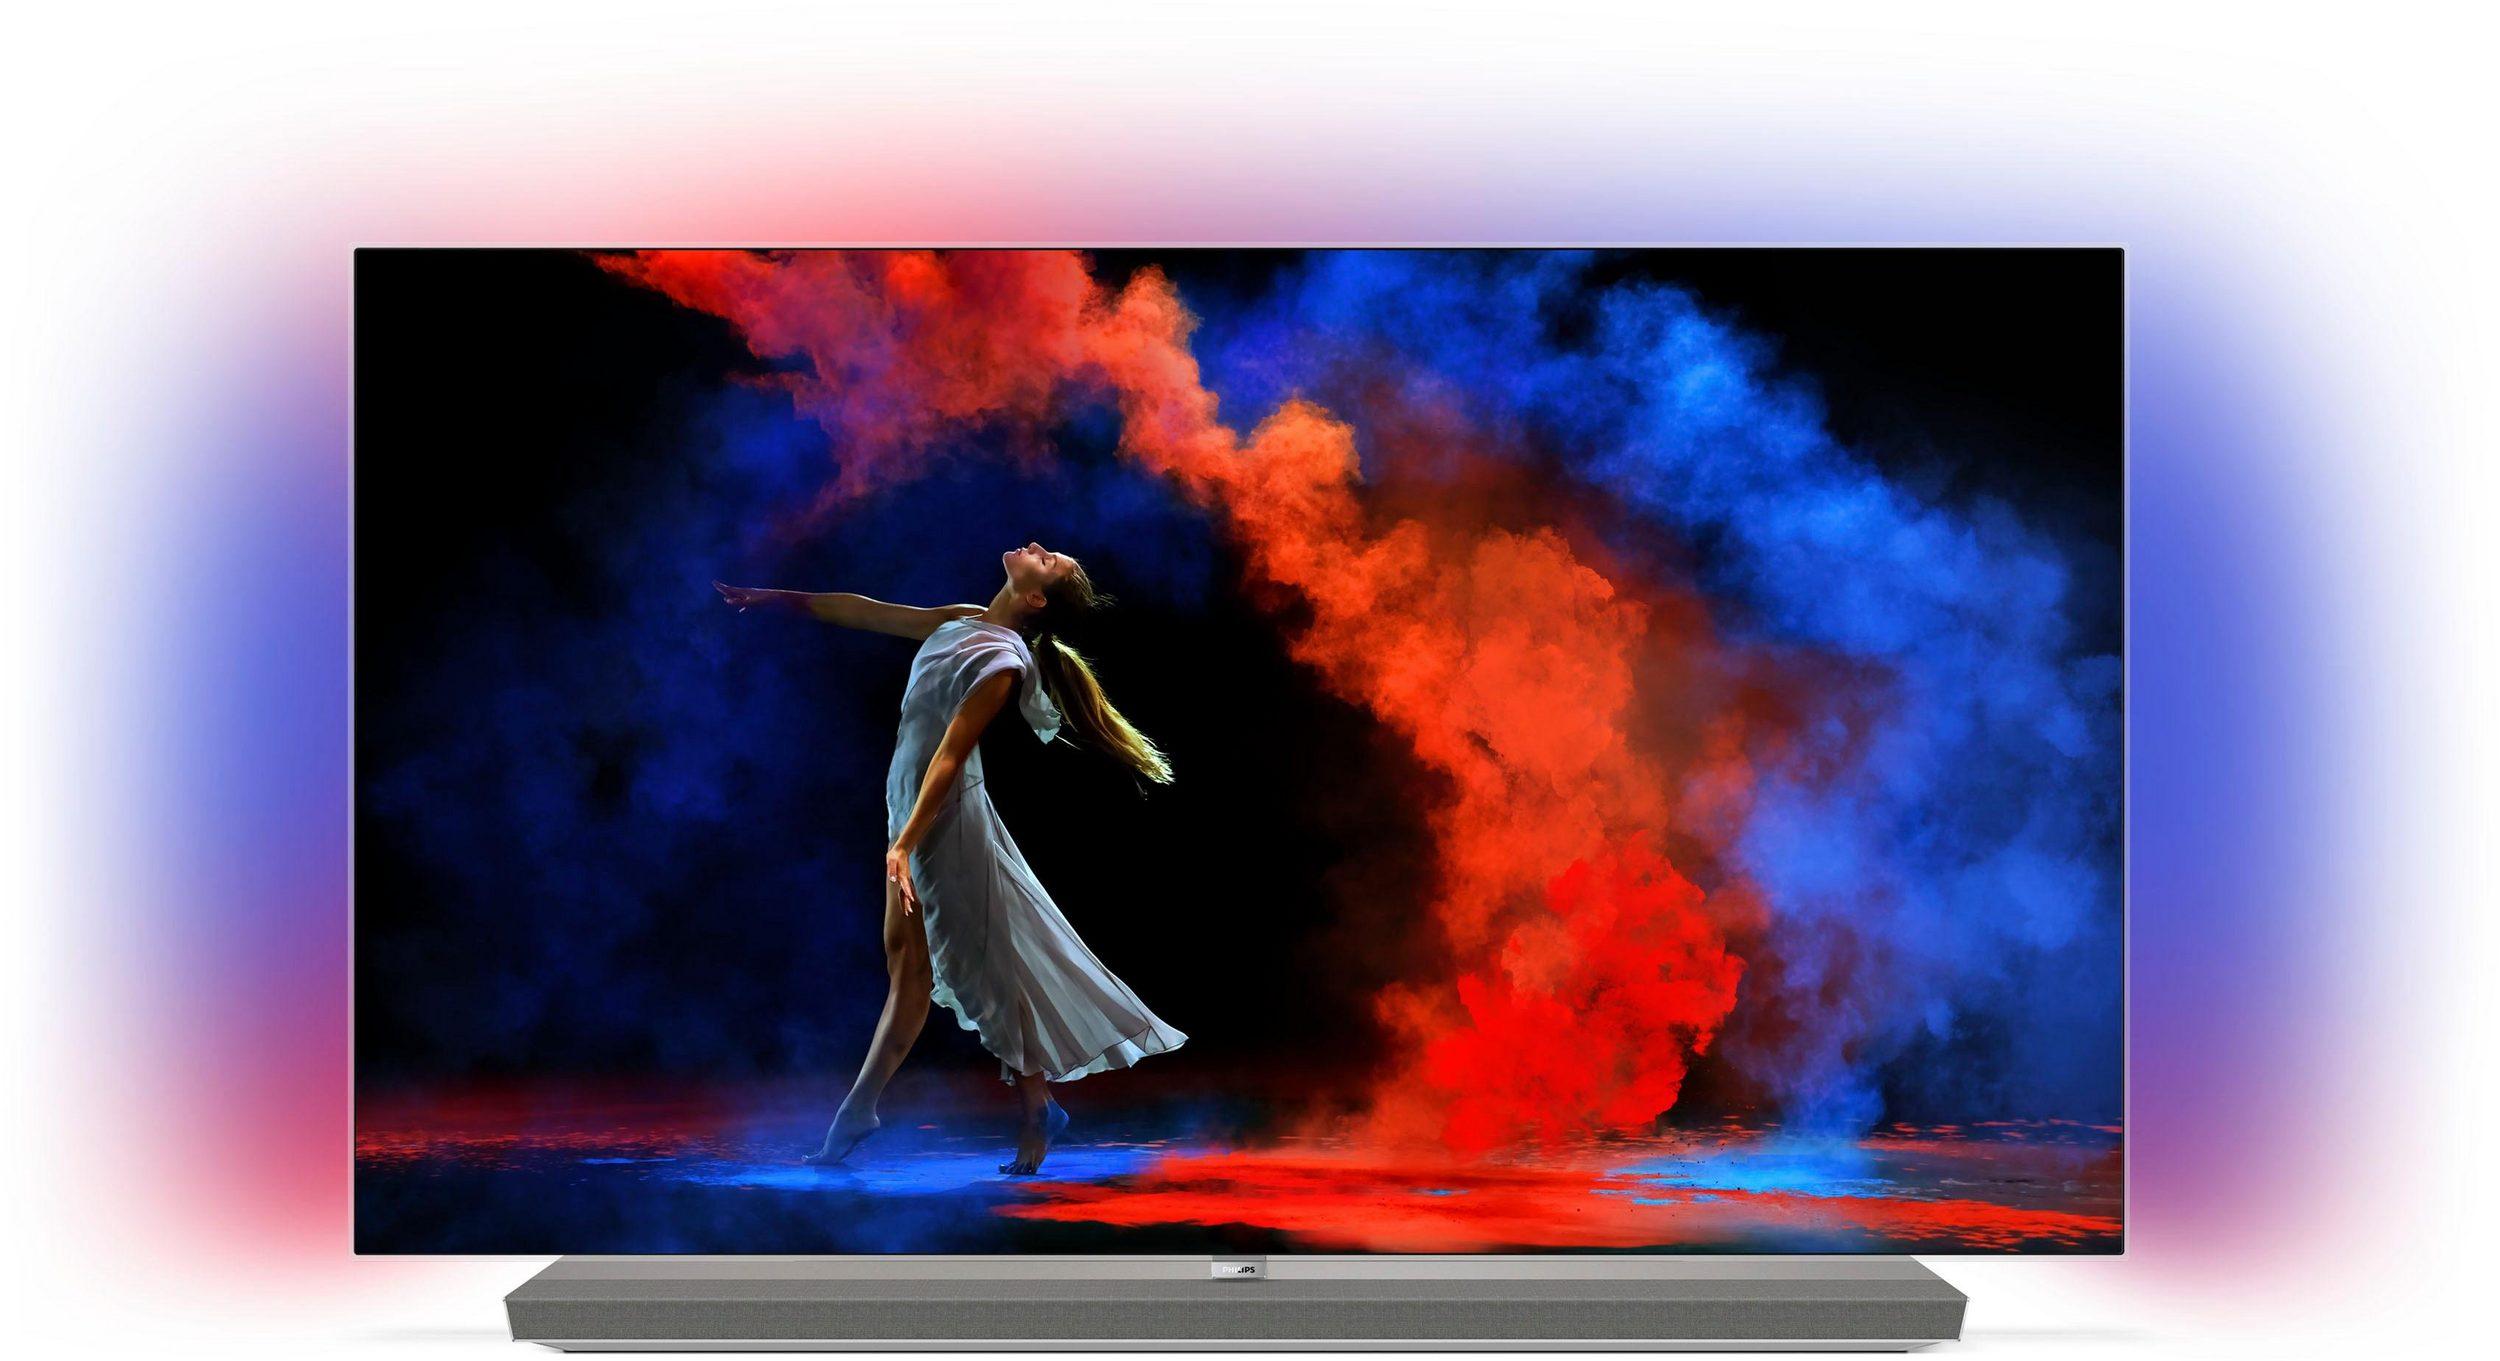 Verschiedene Philips OLED Fernseher im Otto angebot! z.B. Philips 55POS9002 OLED/4K/Ambilight TV für 1550,99€, 55POS901F für 1699€ und mehr